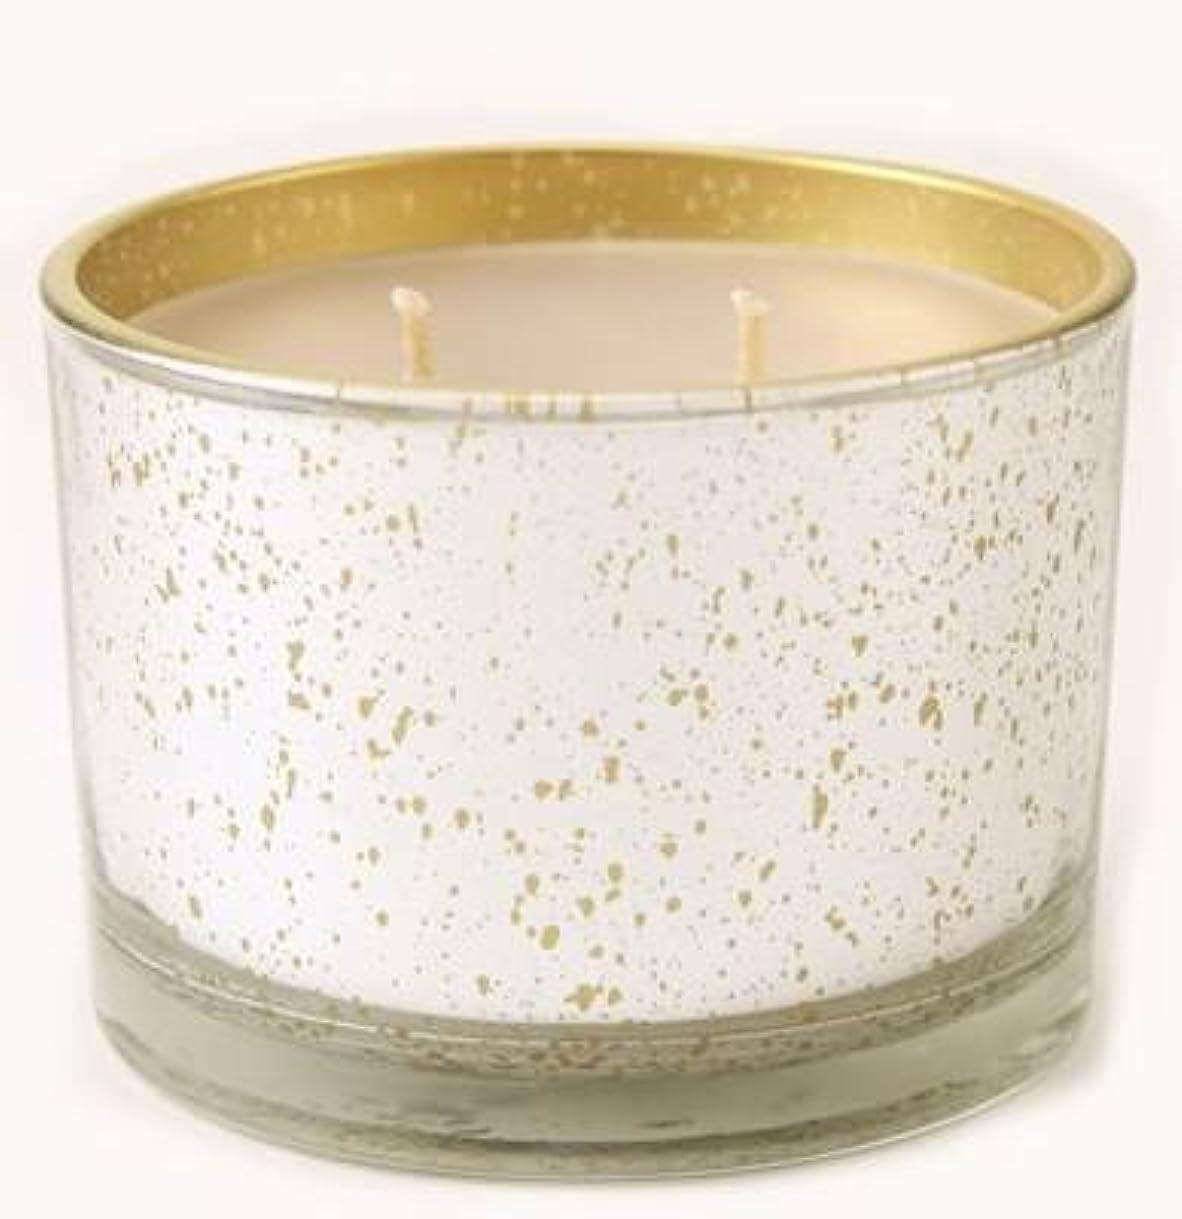 チキン消費柔らかさ暖かいSugar Cookie Tyler Statureプラチナにゴールド16oz香りつきJar Candle